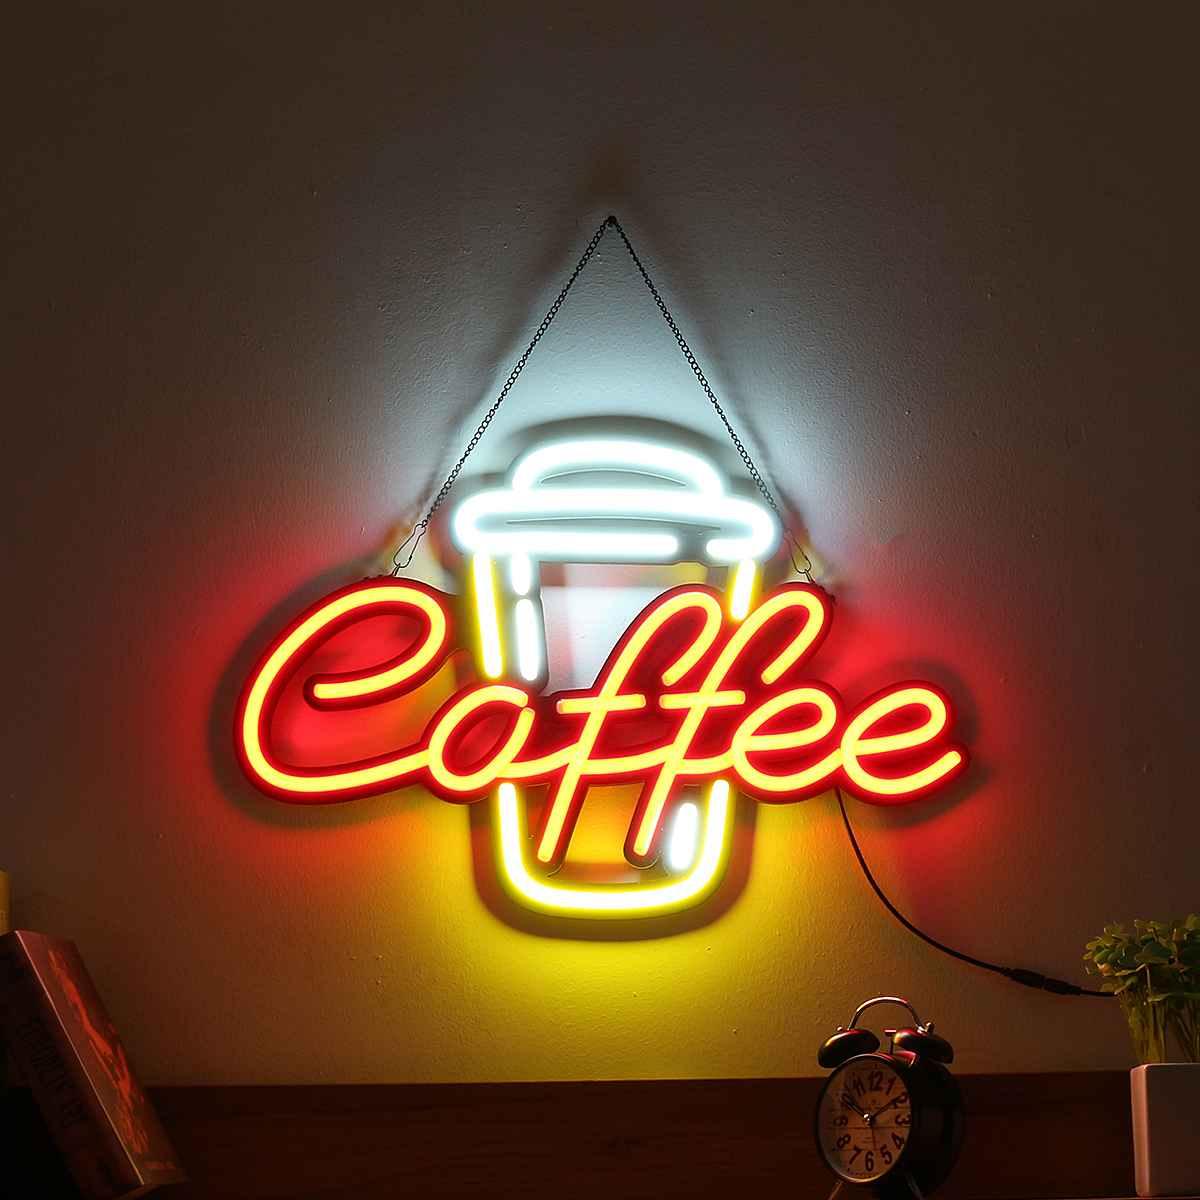 LED néon signe lumière Tube café Bar Club KTV décoration murale éclairage Commercial néon ampoules cafétéria visuel œuvre lampe